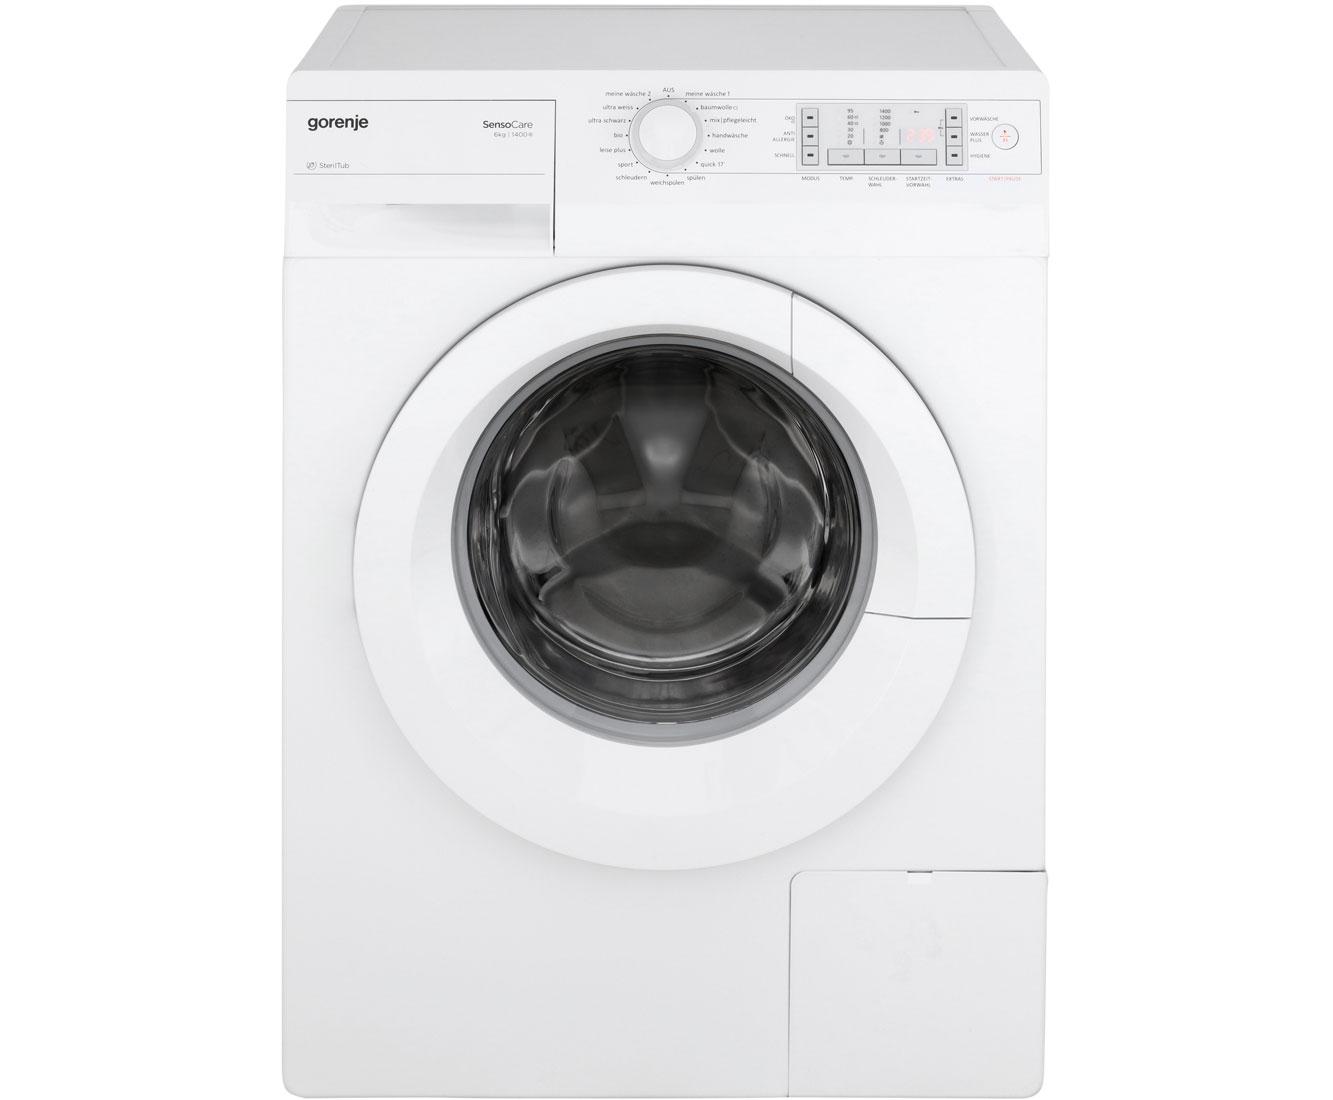 gorenje waschmaschinen preisvergleich die besten. Black Bedroom Furniture Sets. Home Design Ideas